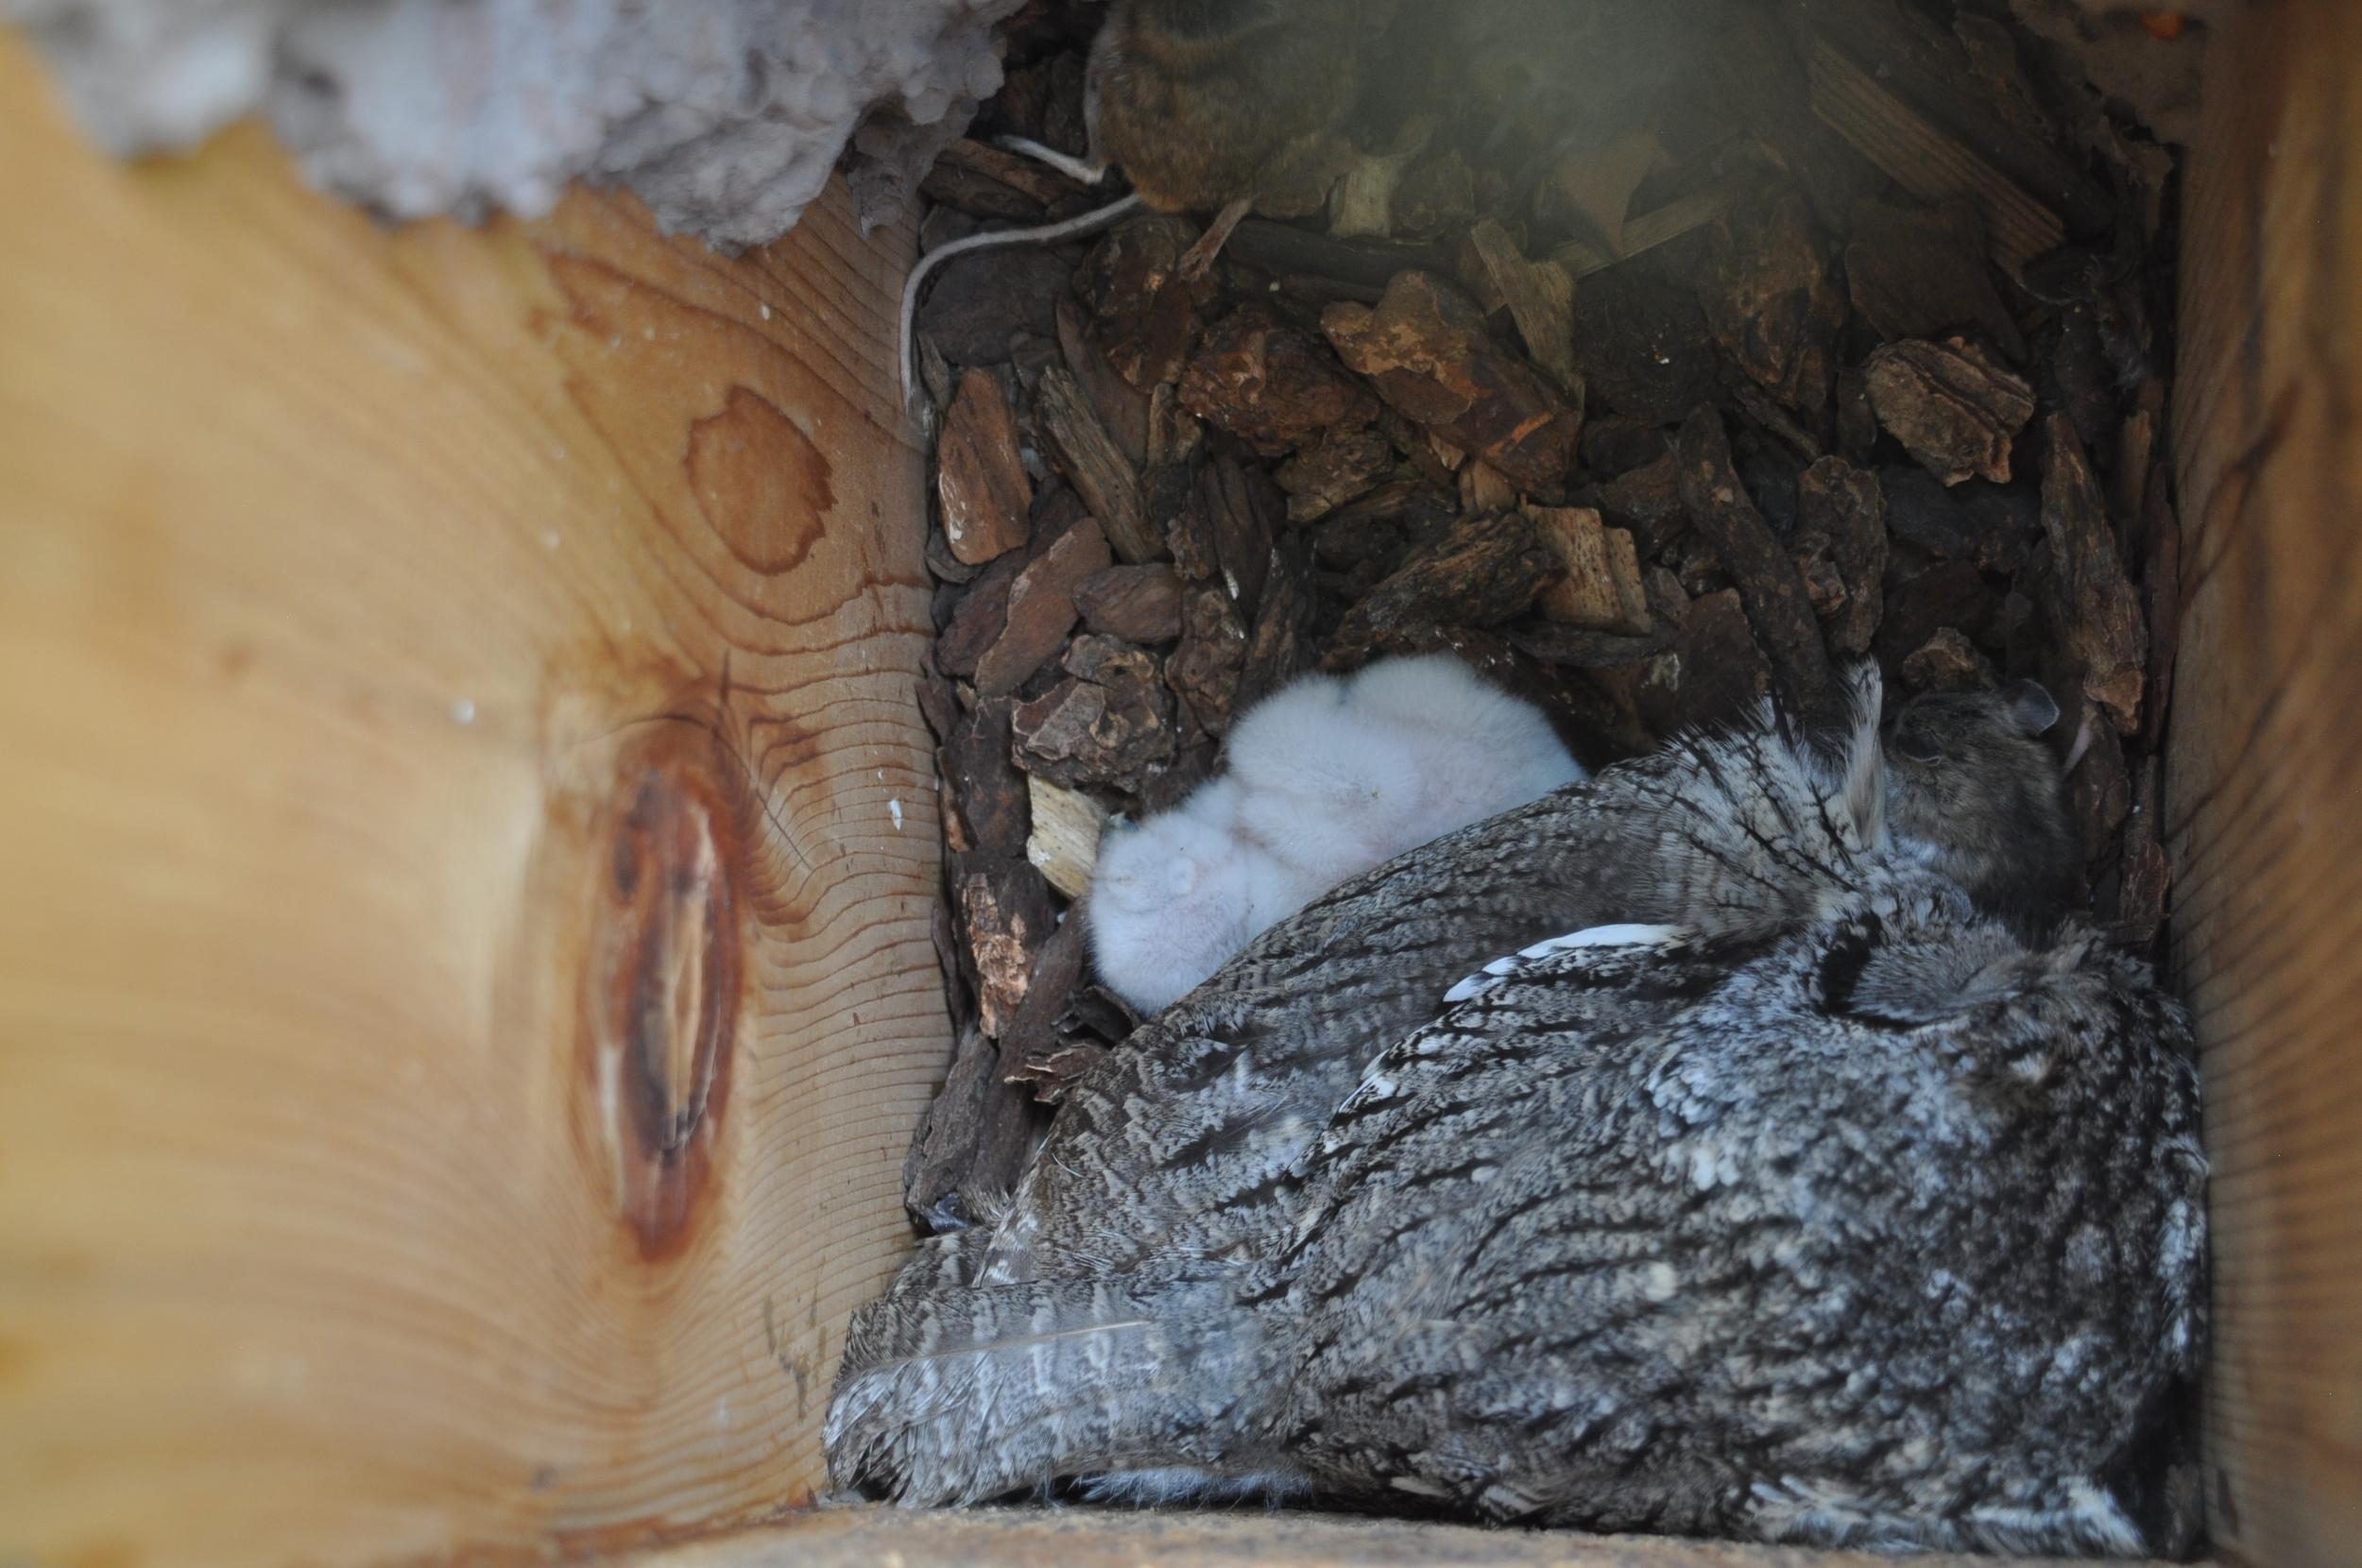 Western screech owls living below 1+ unknown species of mason bee.